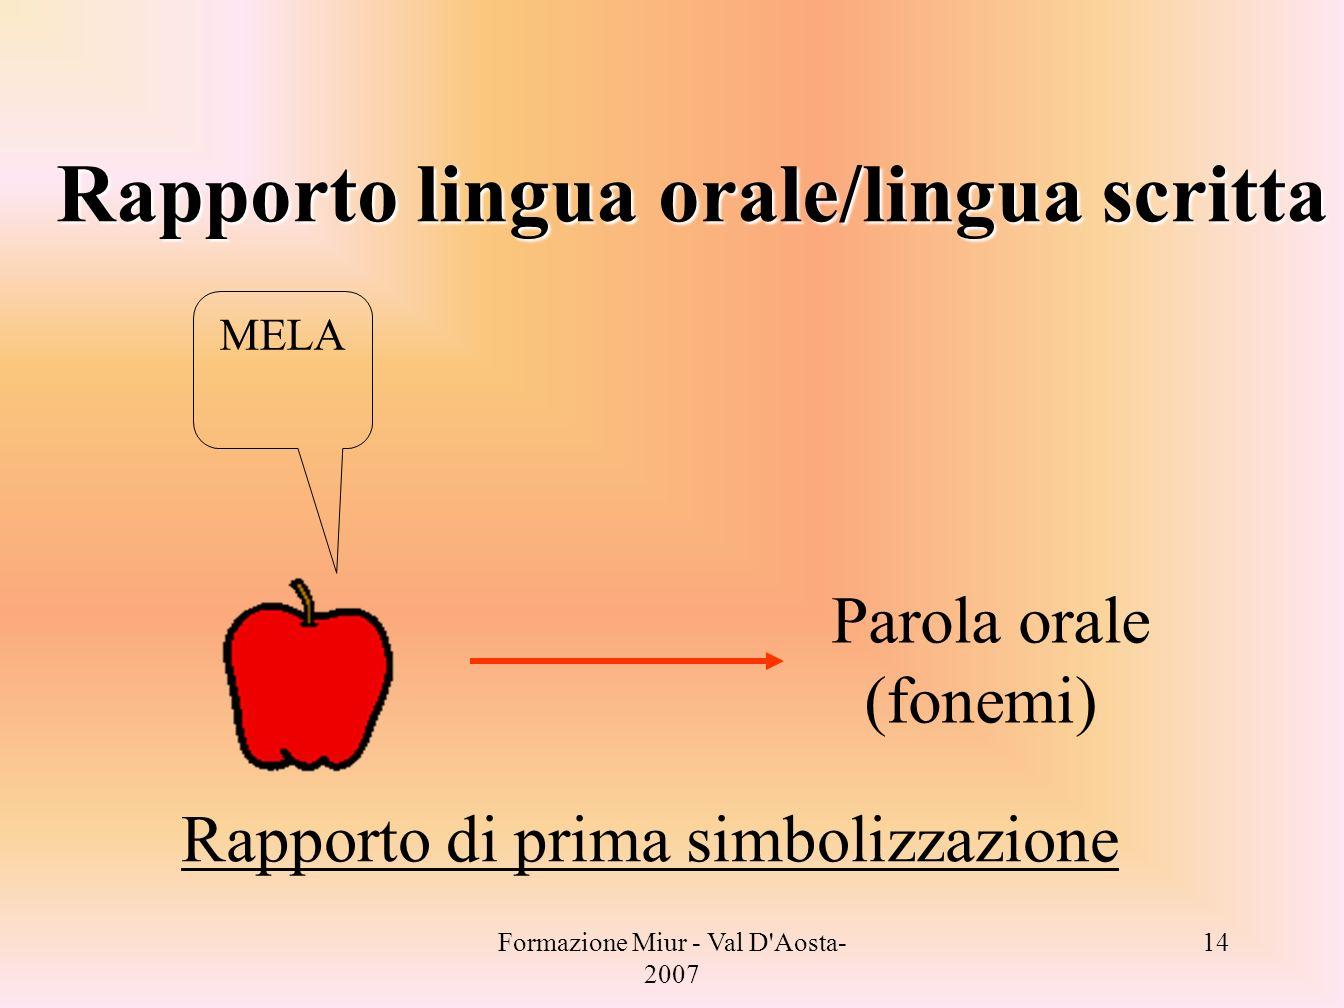 Formazione Miur - Val D'Aosta- 2007 14 Rapporto di prima simbolizzazione Parola orale (fonemi) MELA Rapporto lingua orale/lingua scritta